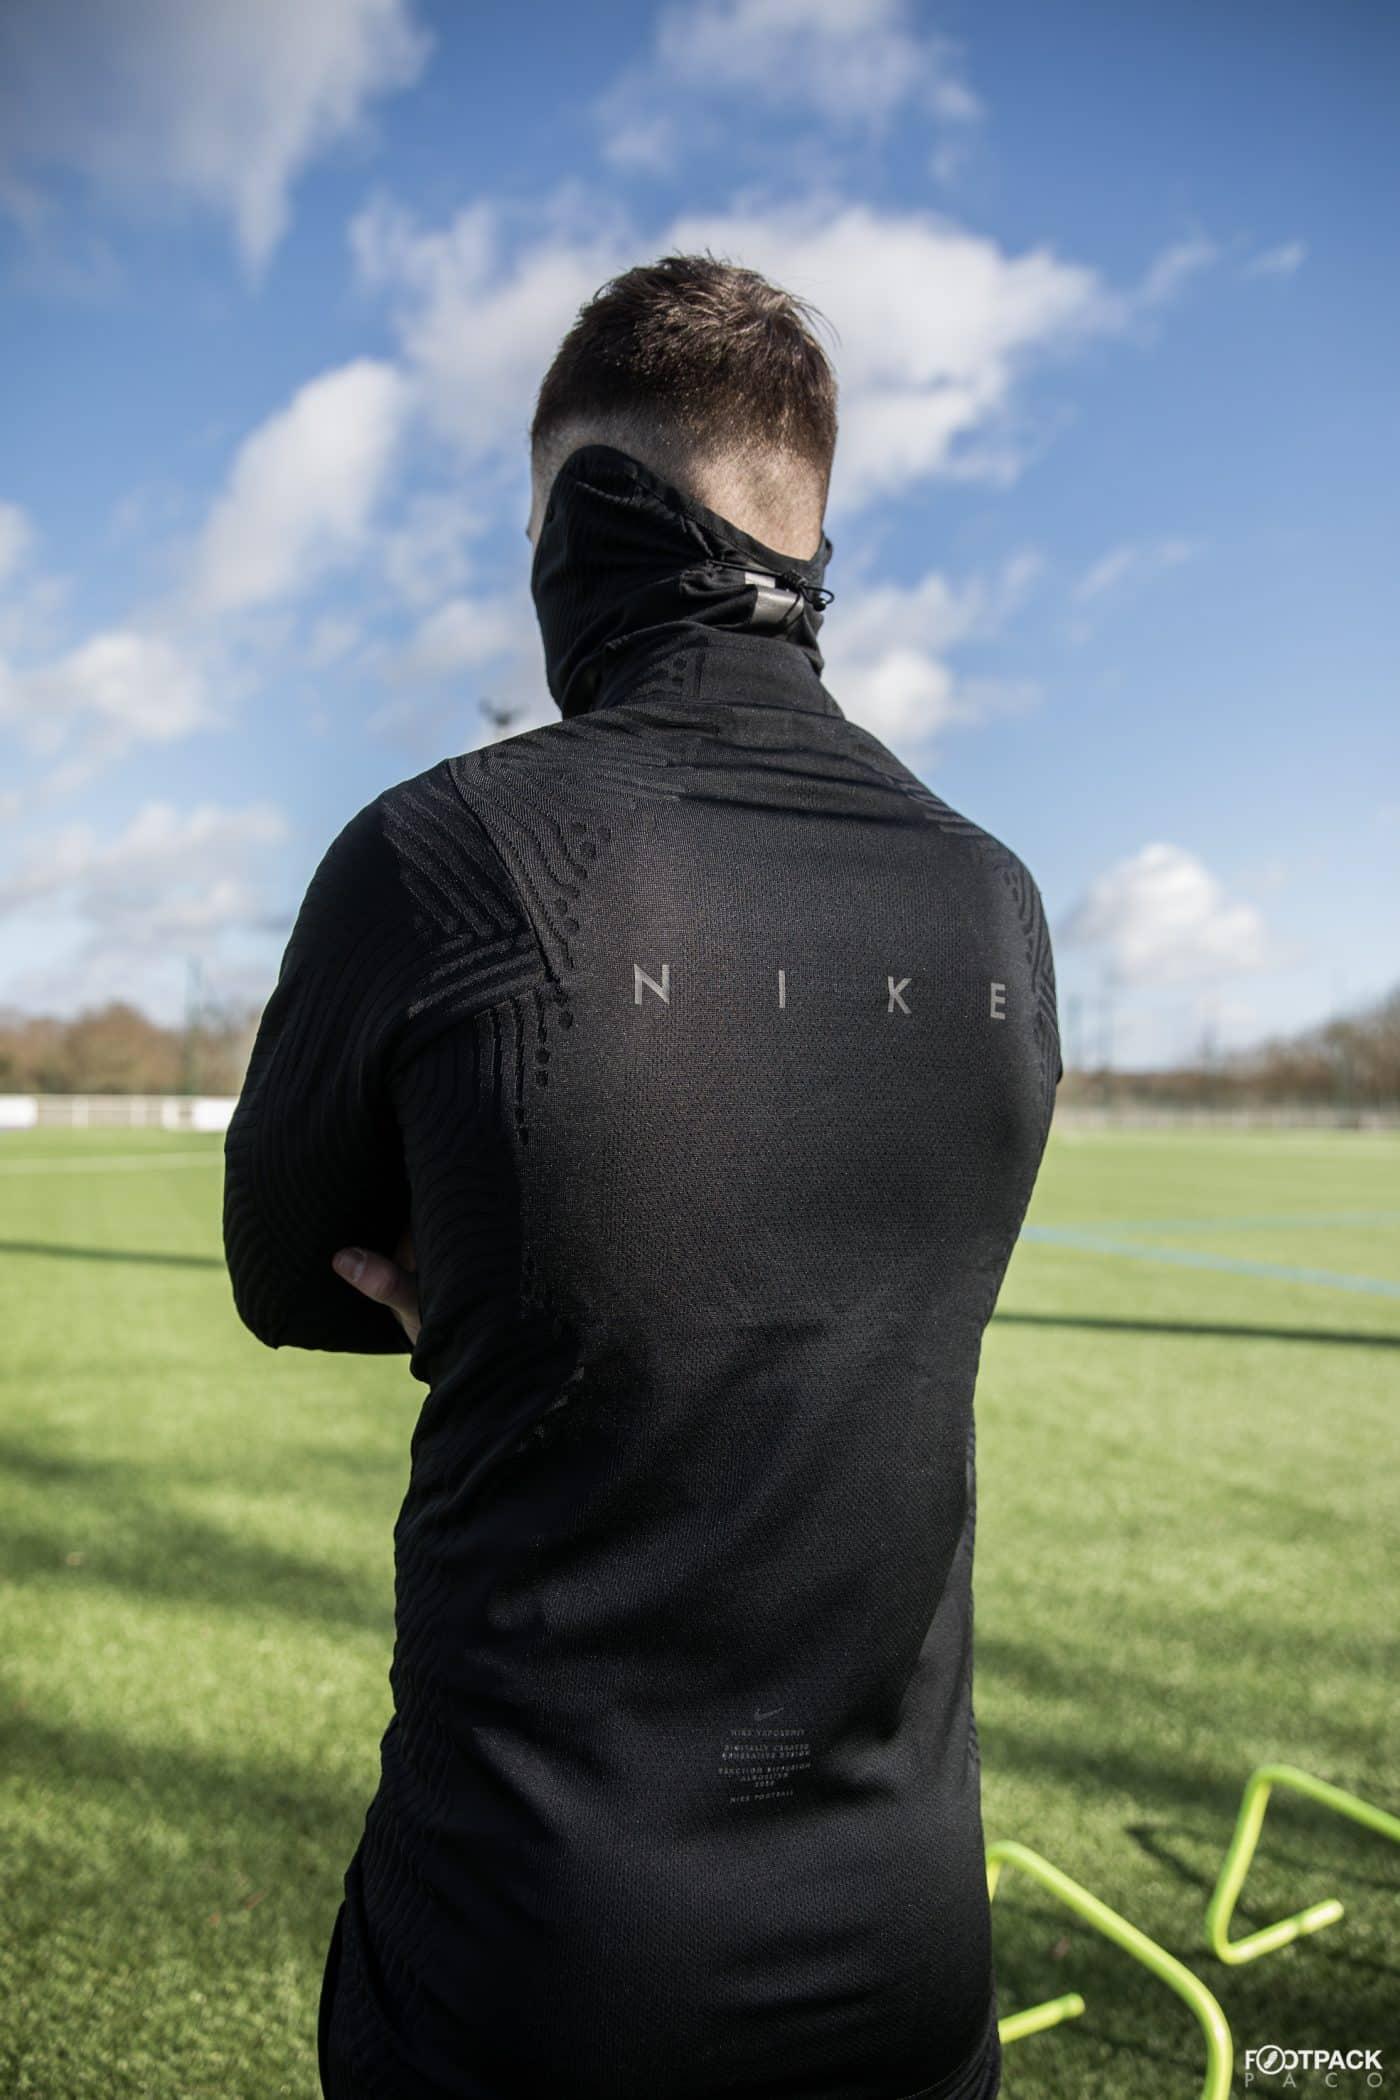 textile-entrainement-nike-next-gen-vaporknit-footpack-7